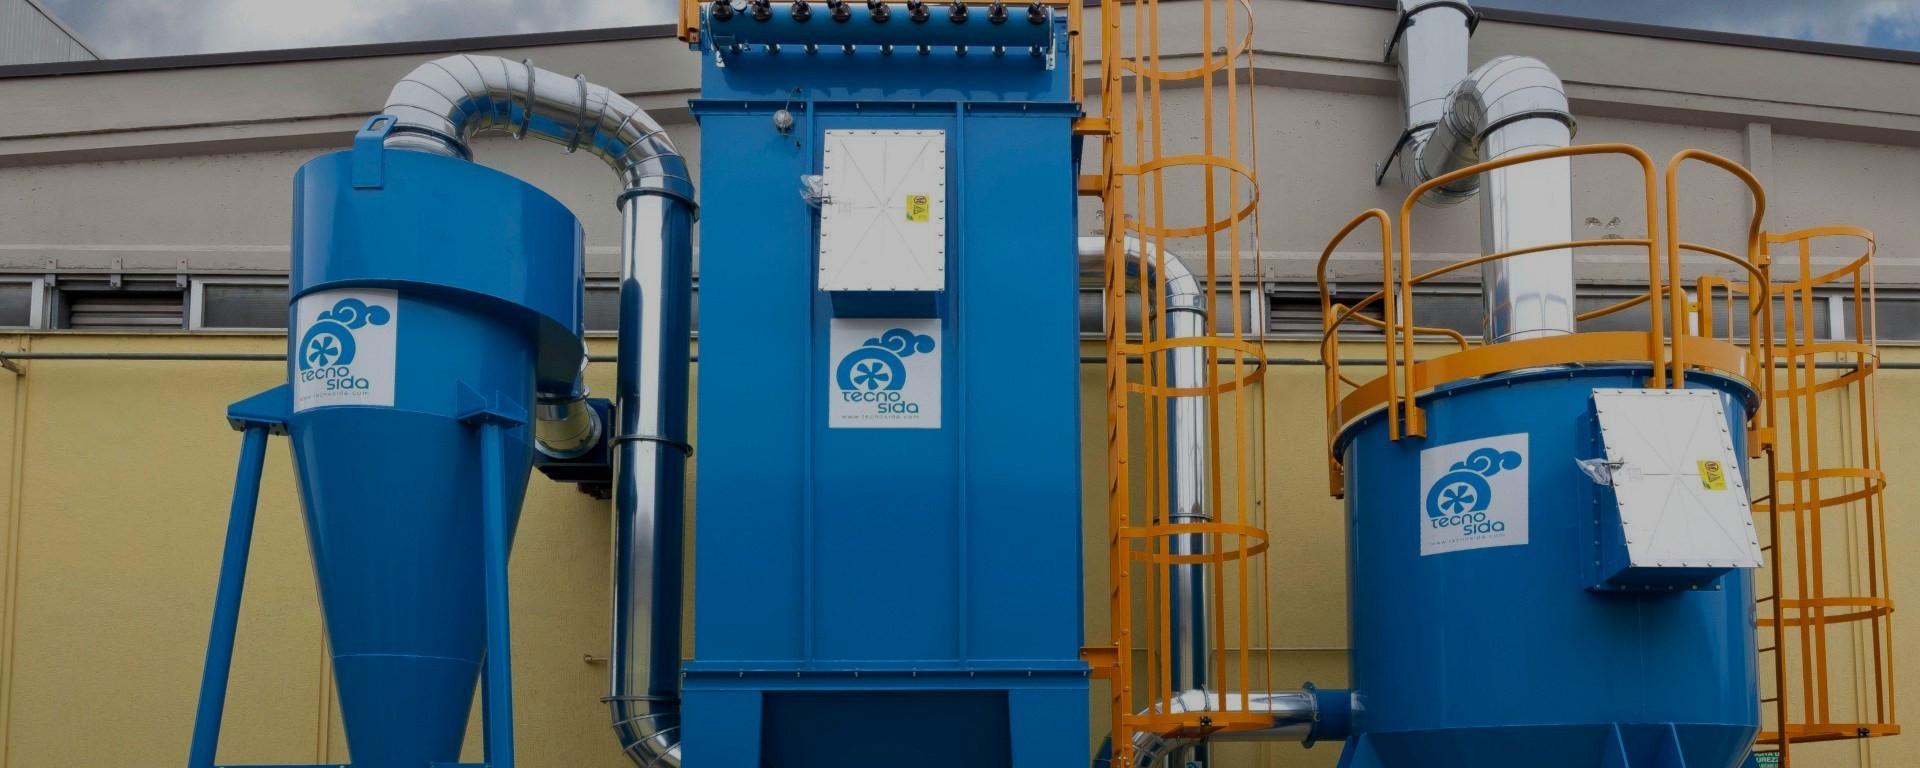 Technologische Anlagen zur Behandlung von Luftschadstoffen